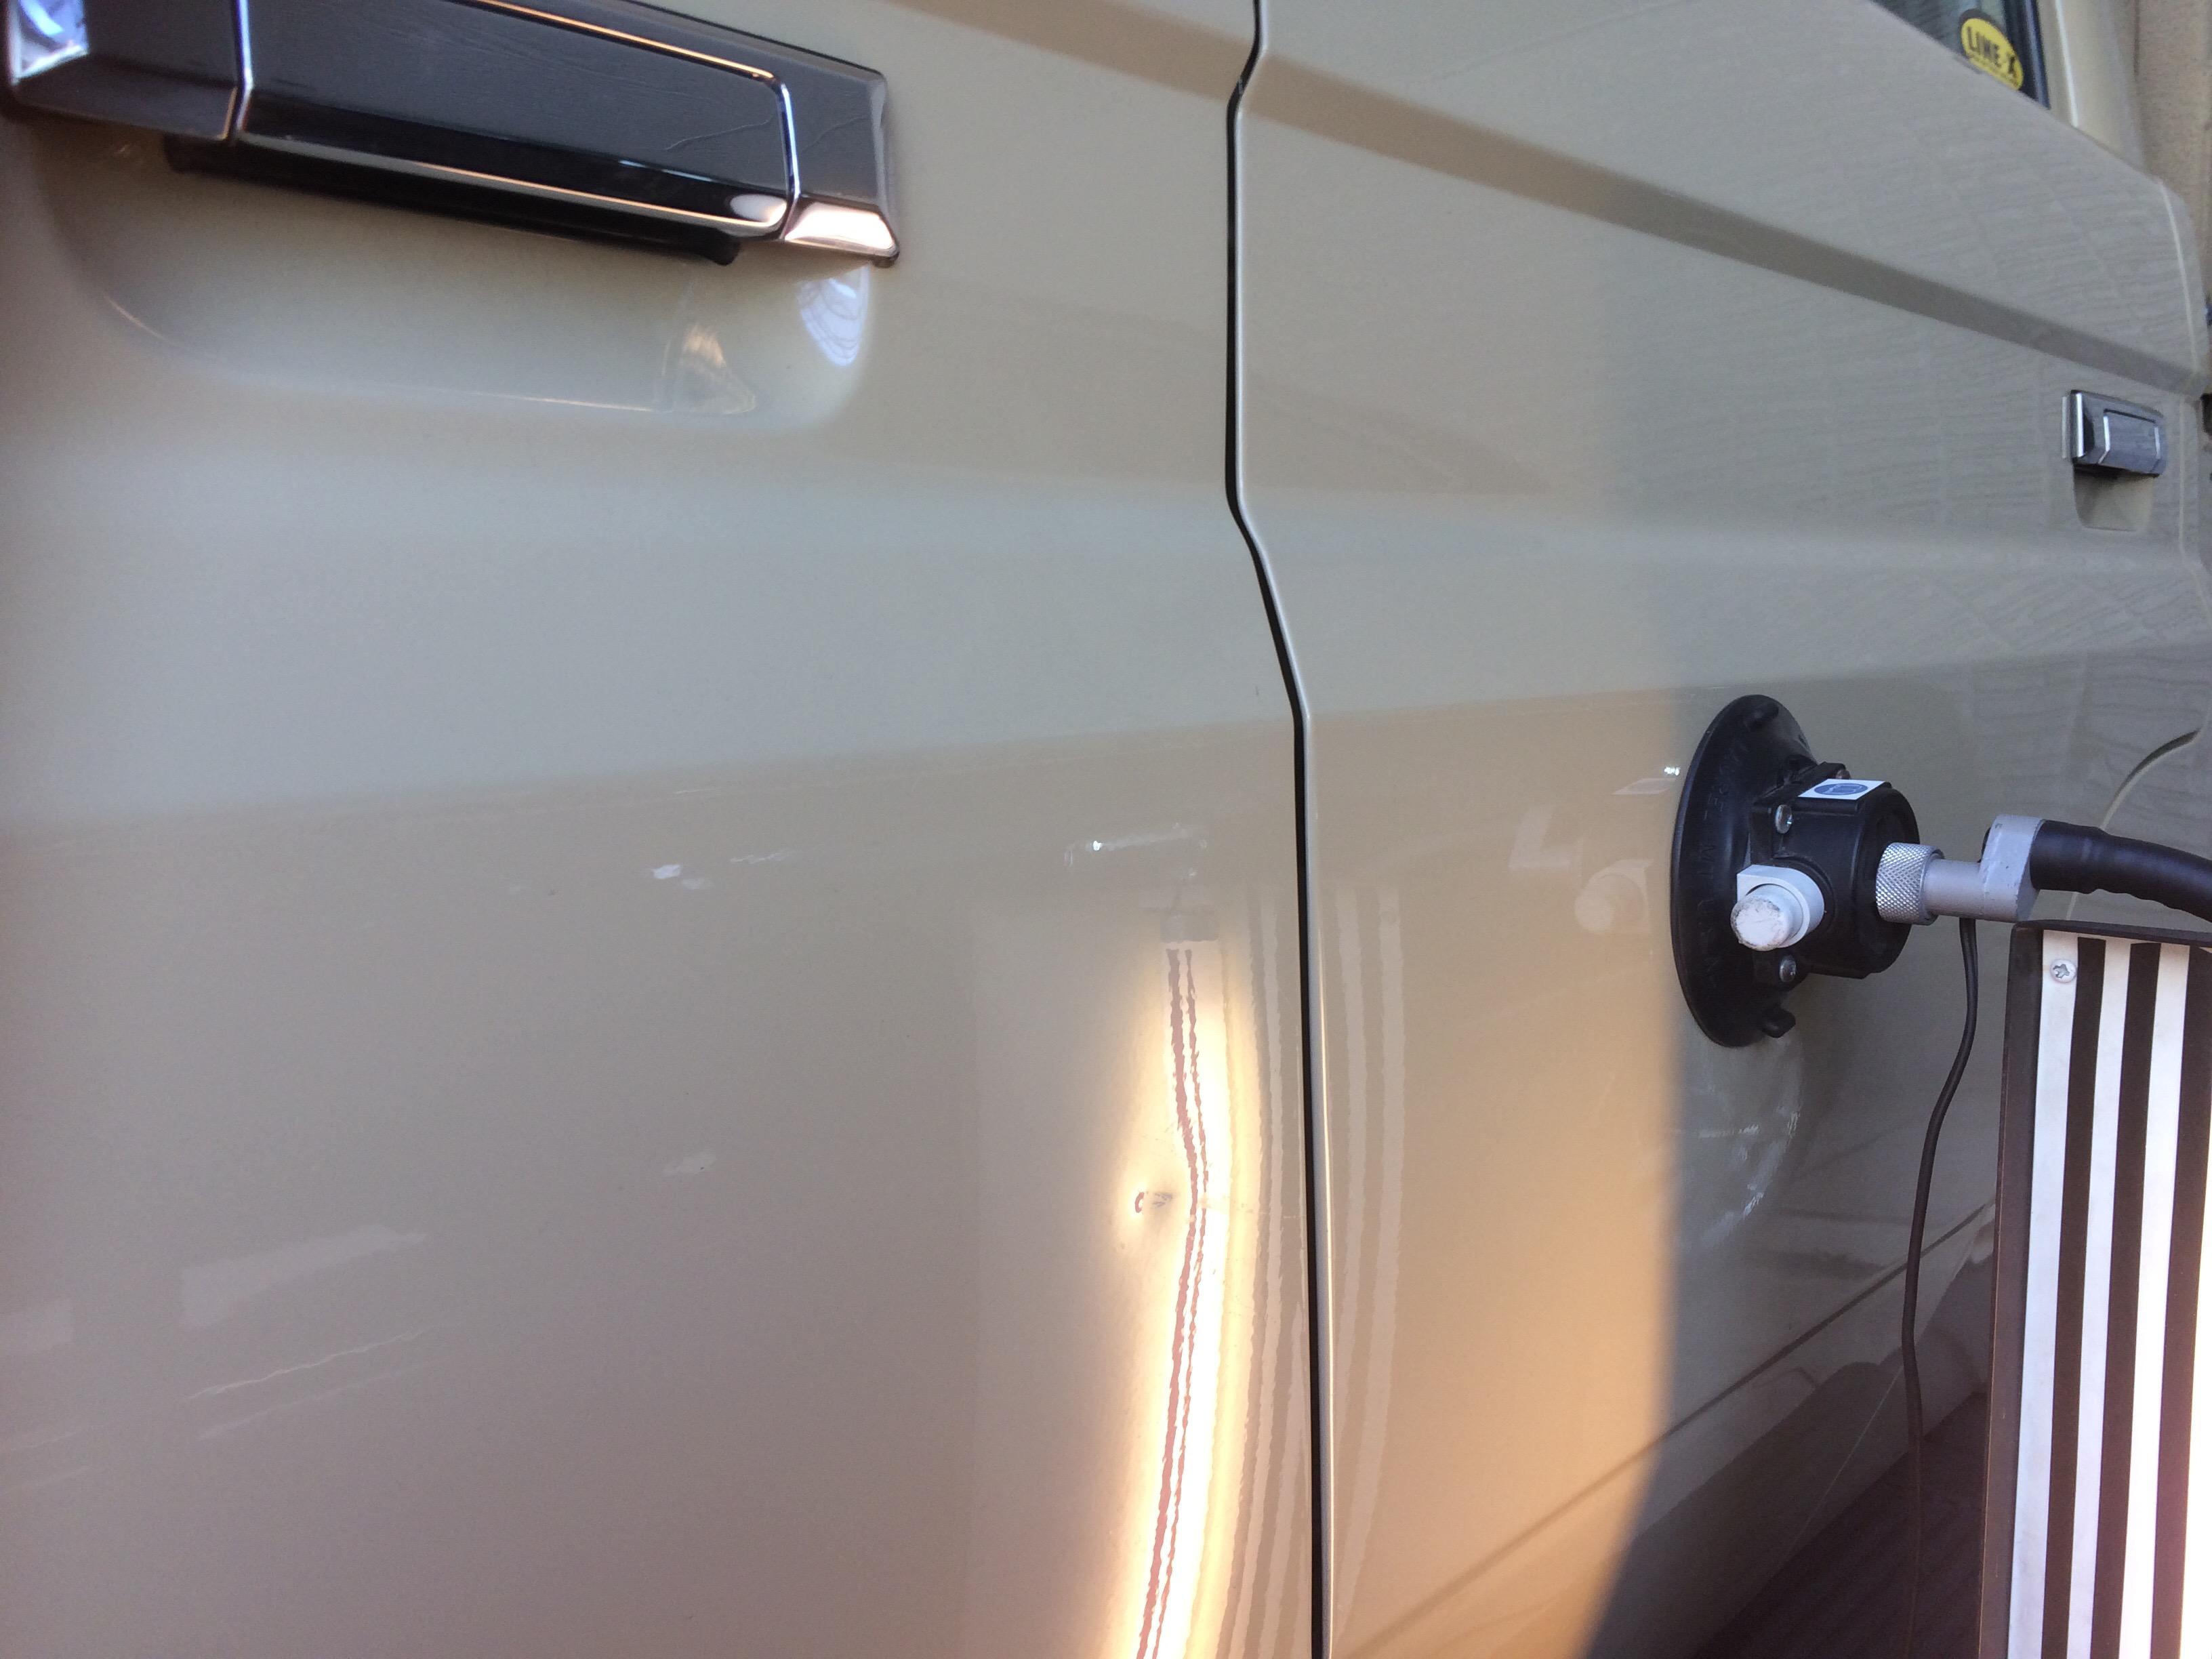 ランクル ピックアップのドアのヘコミ修理